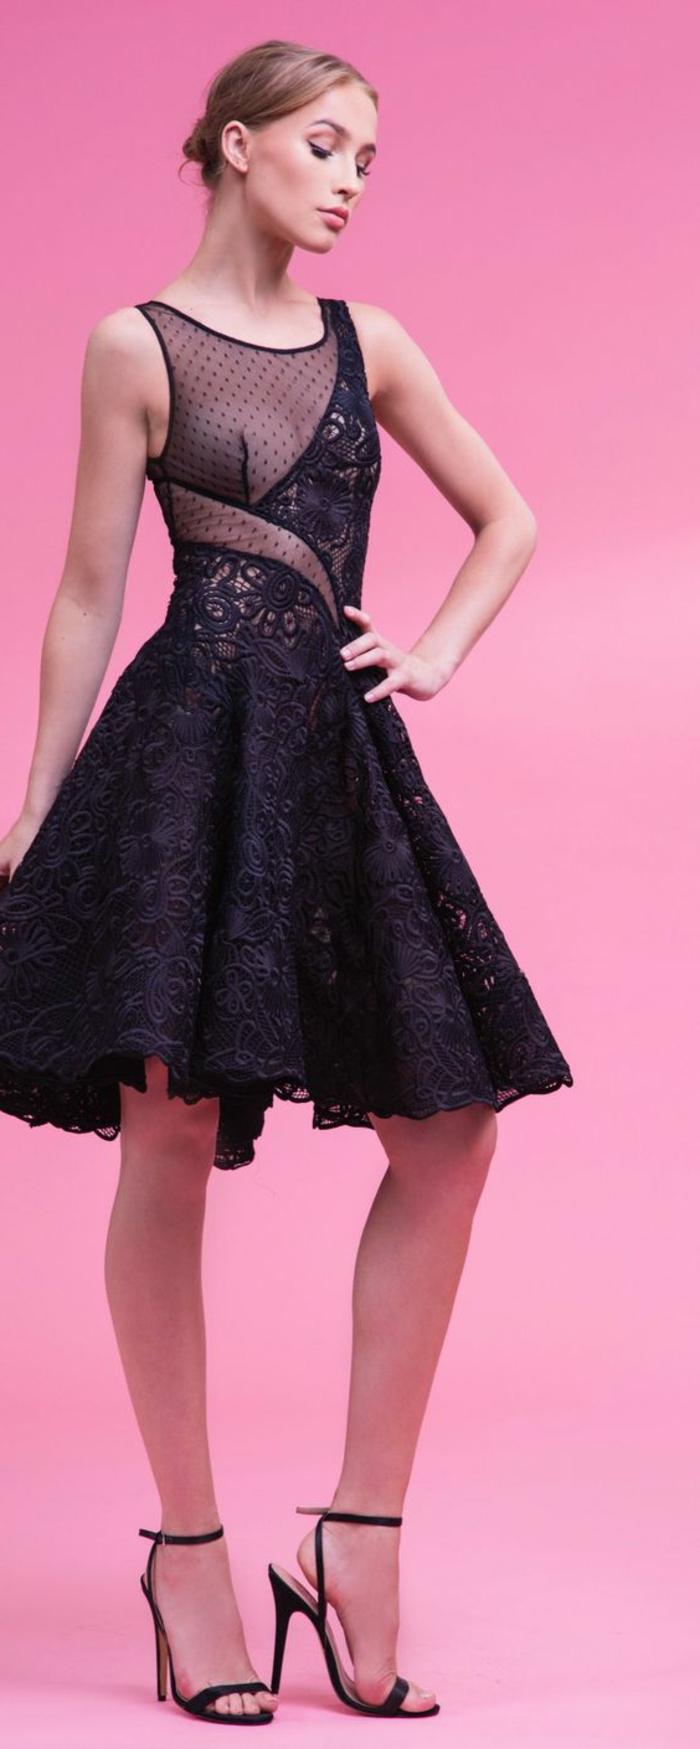 robe de cérémonie femme en dentelle noire longueur mini avec talons aiguilles